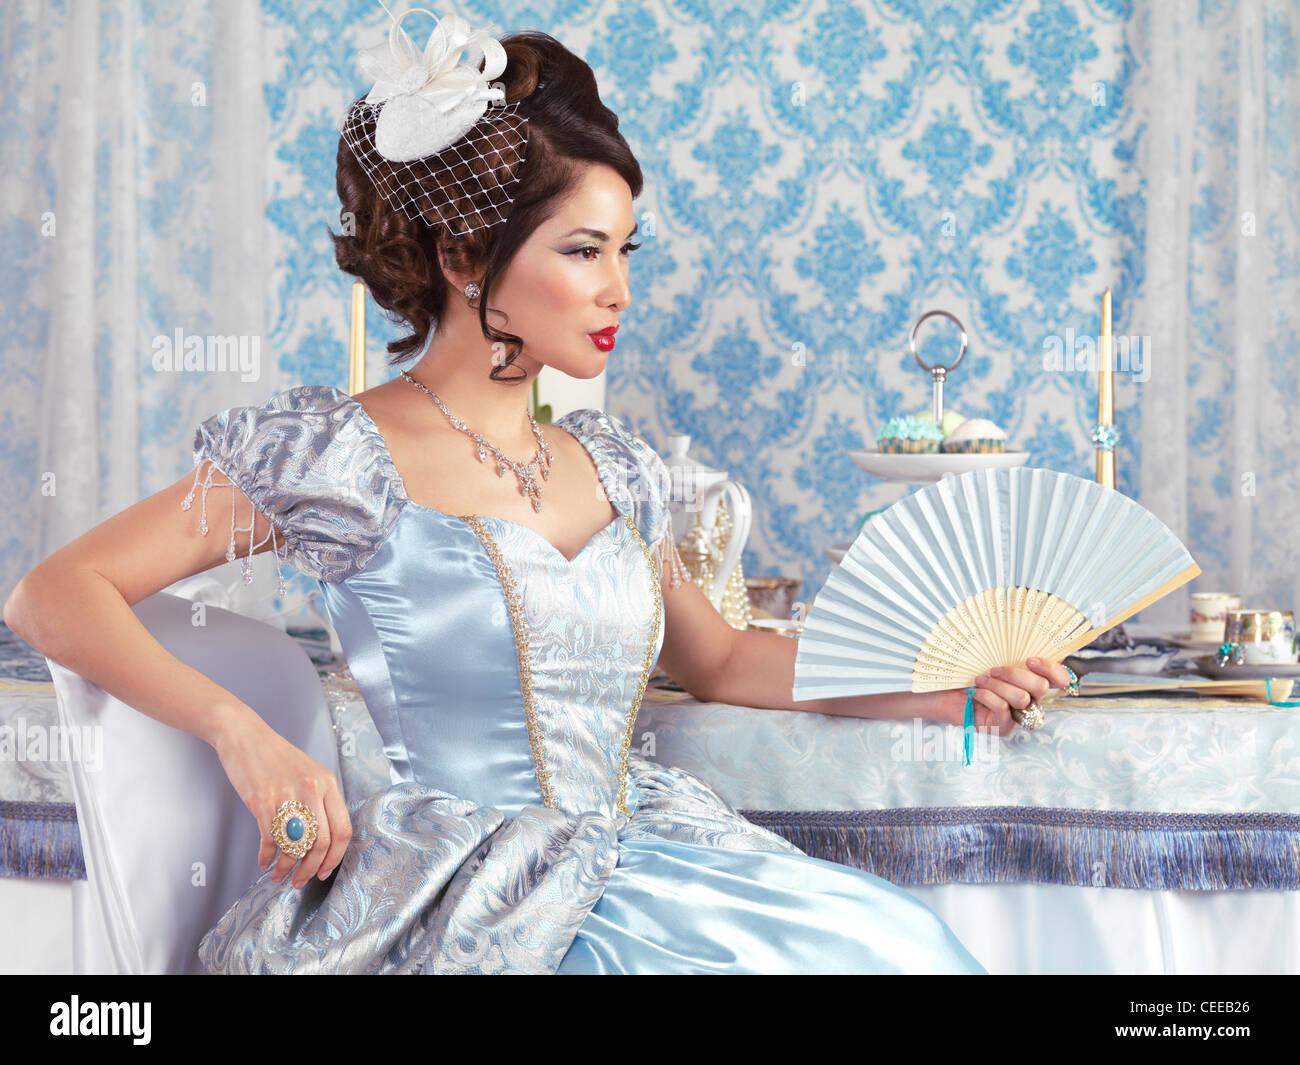 Wunderschöne asiatische Dame in eine schicke blaue Prinzessin Kleid ...